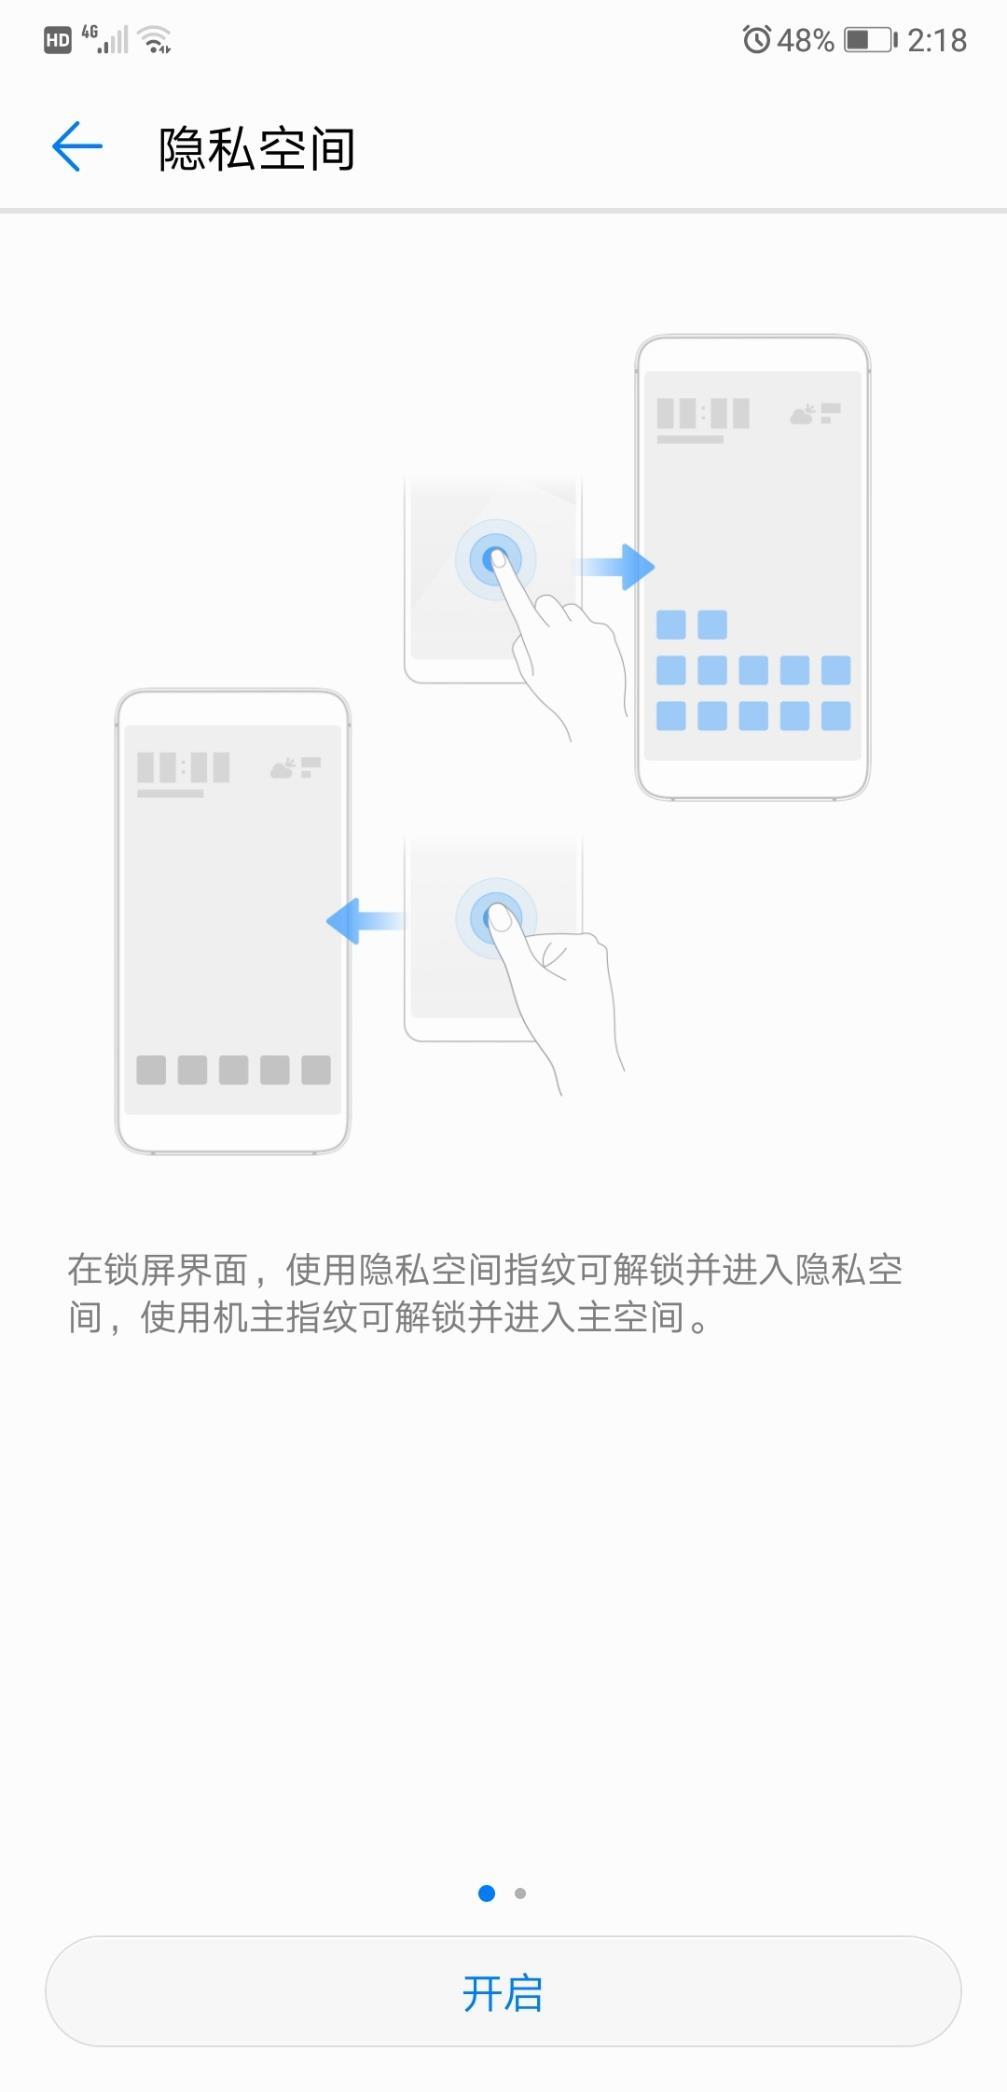 手机系统空间, 设定隐私空间后,华为maters保时捷版就能创建一个如同